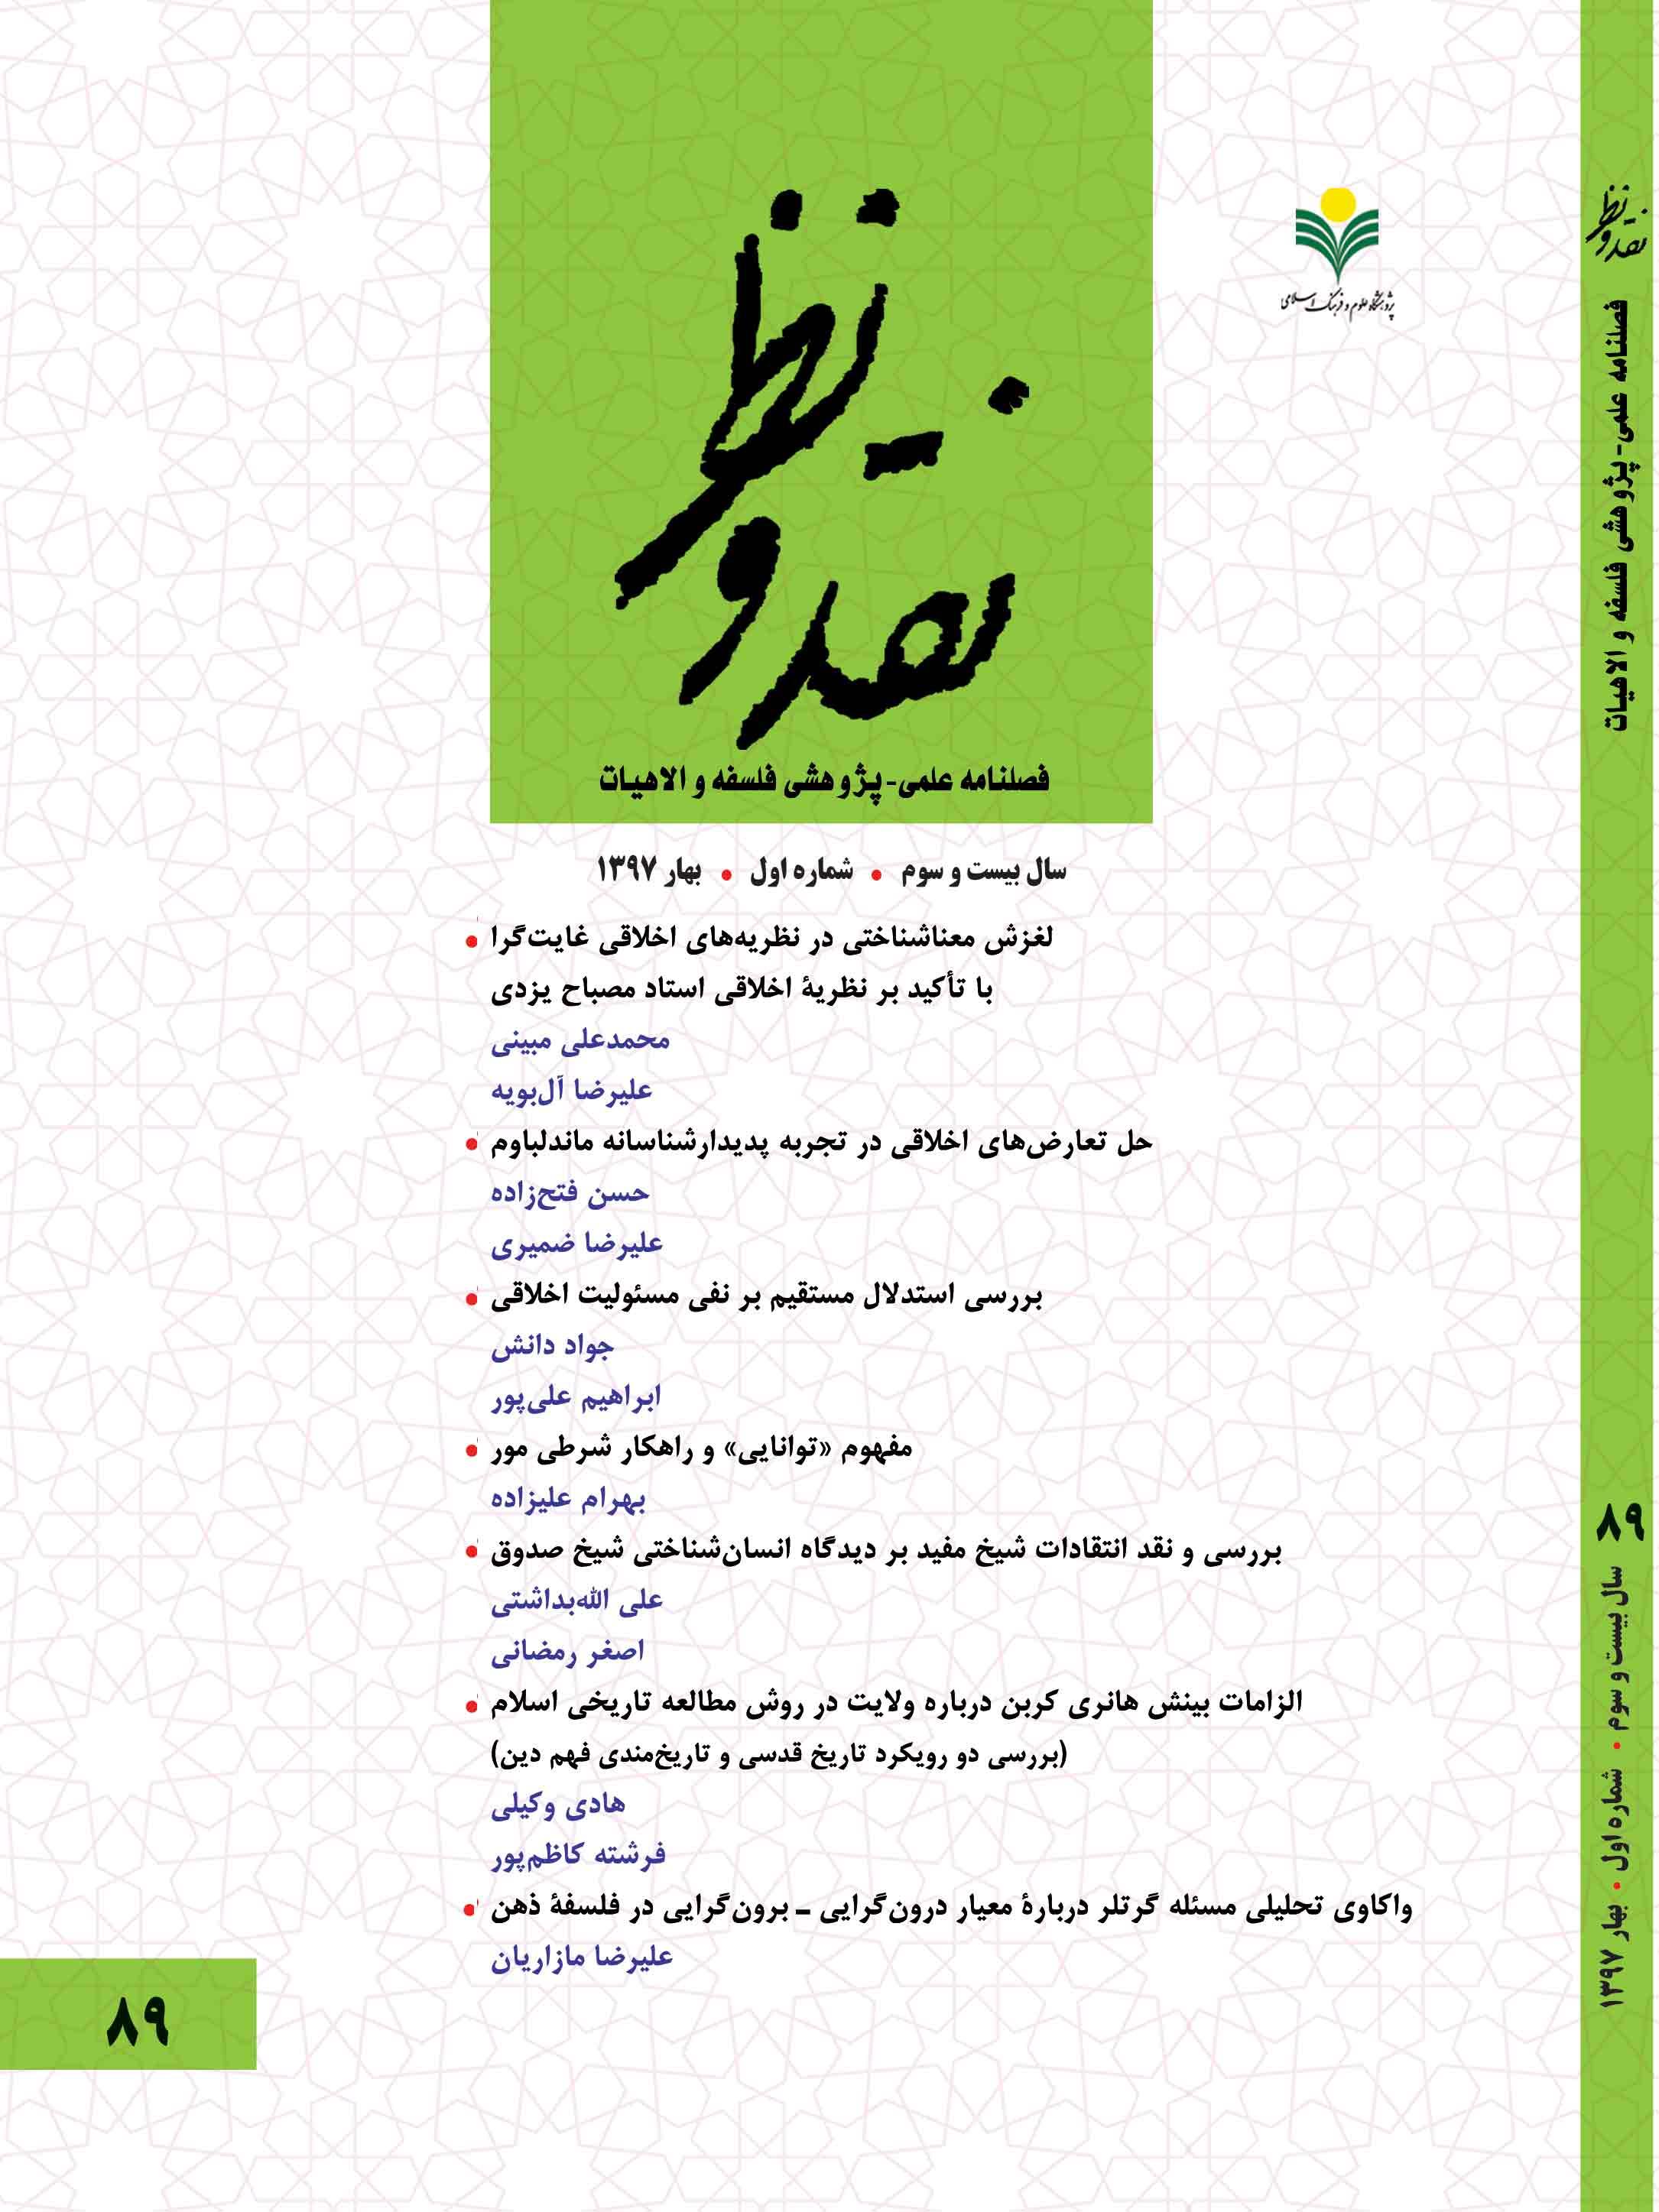 نقد و نظر (فصلنامه علمی پژوهشی فلسفه و الاهیات)